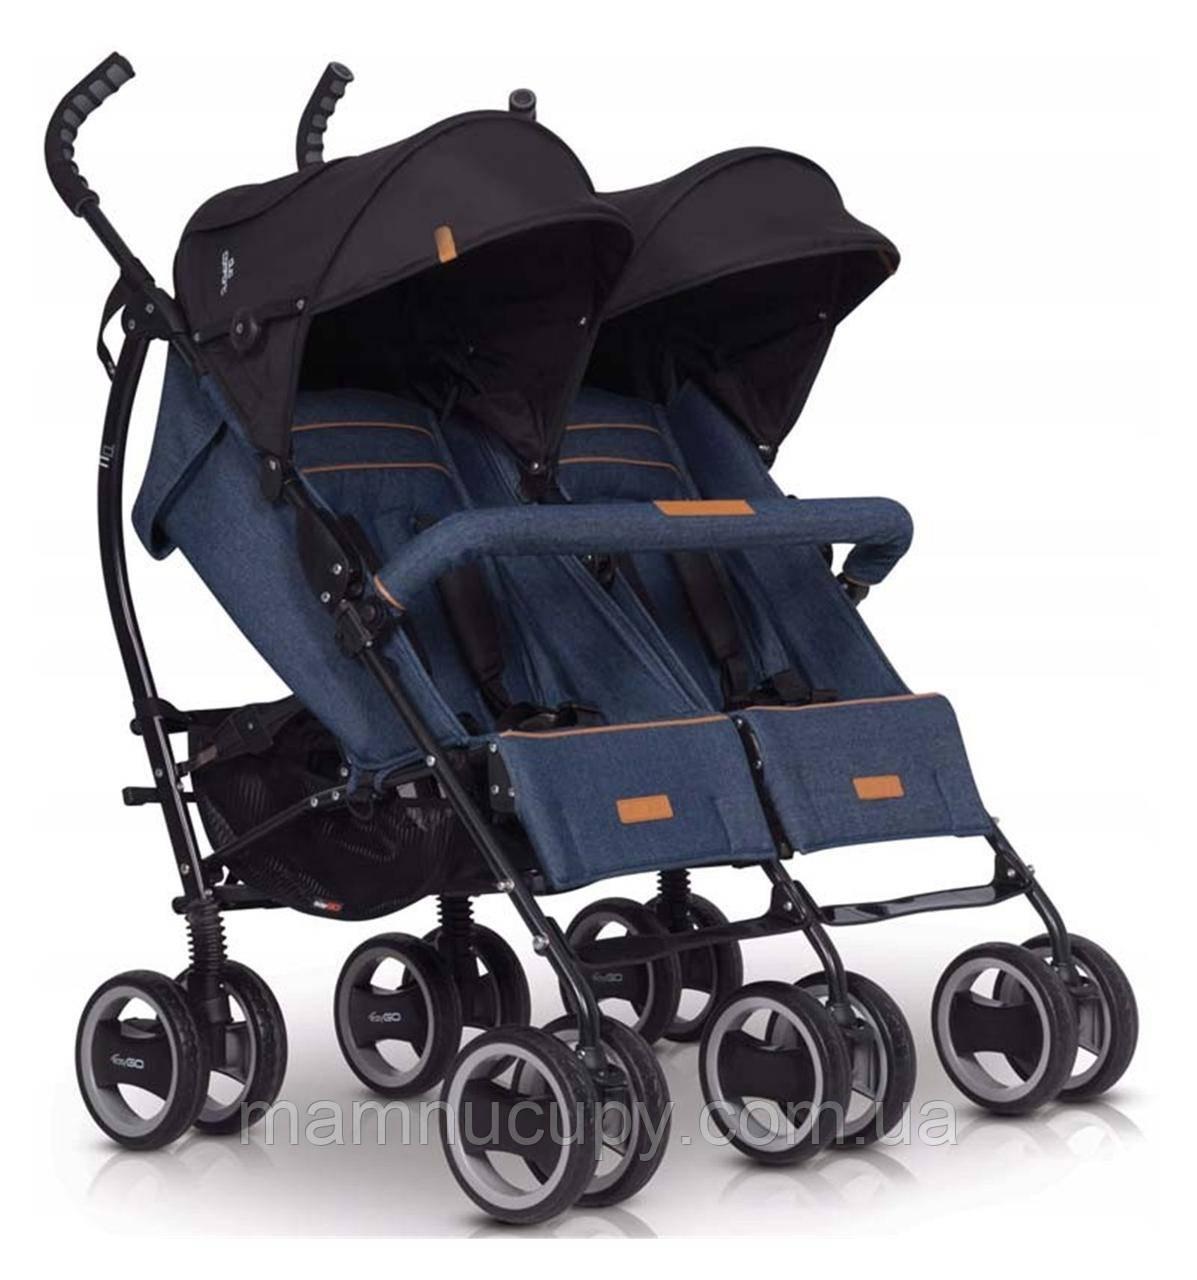 Детская прогулочная коляска для двойни EasyGo Duo Comfort Denim